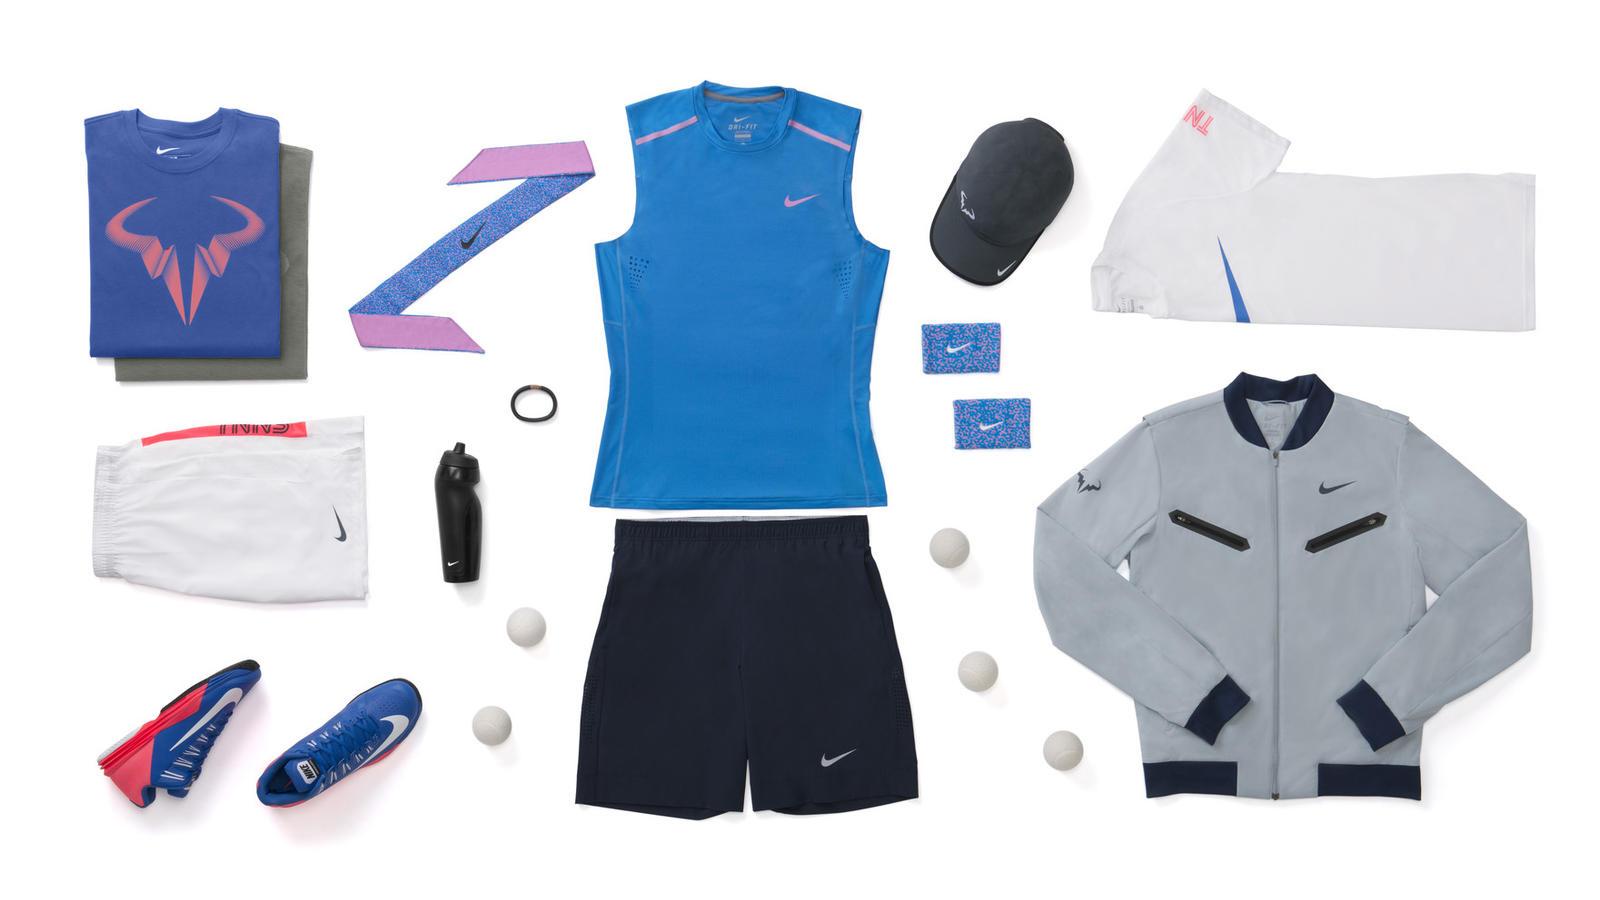 Rafael Nadal Nike Tennis Look - New York 2014